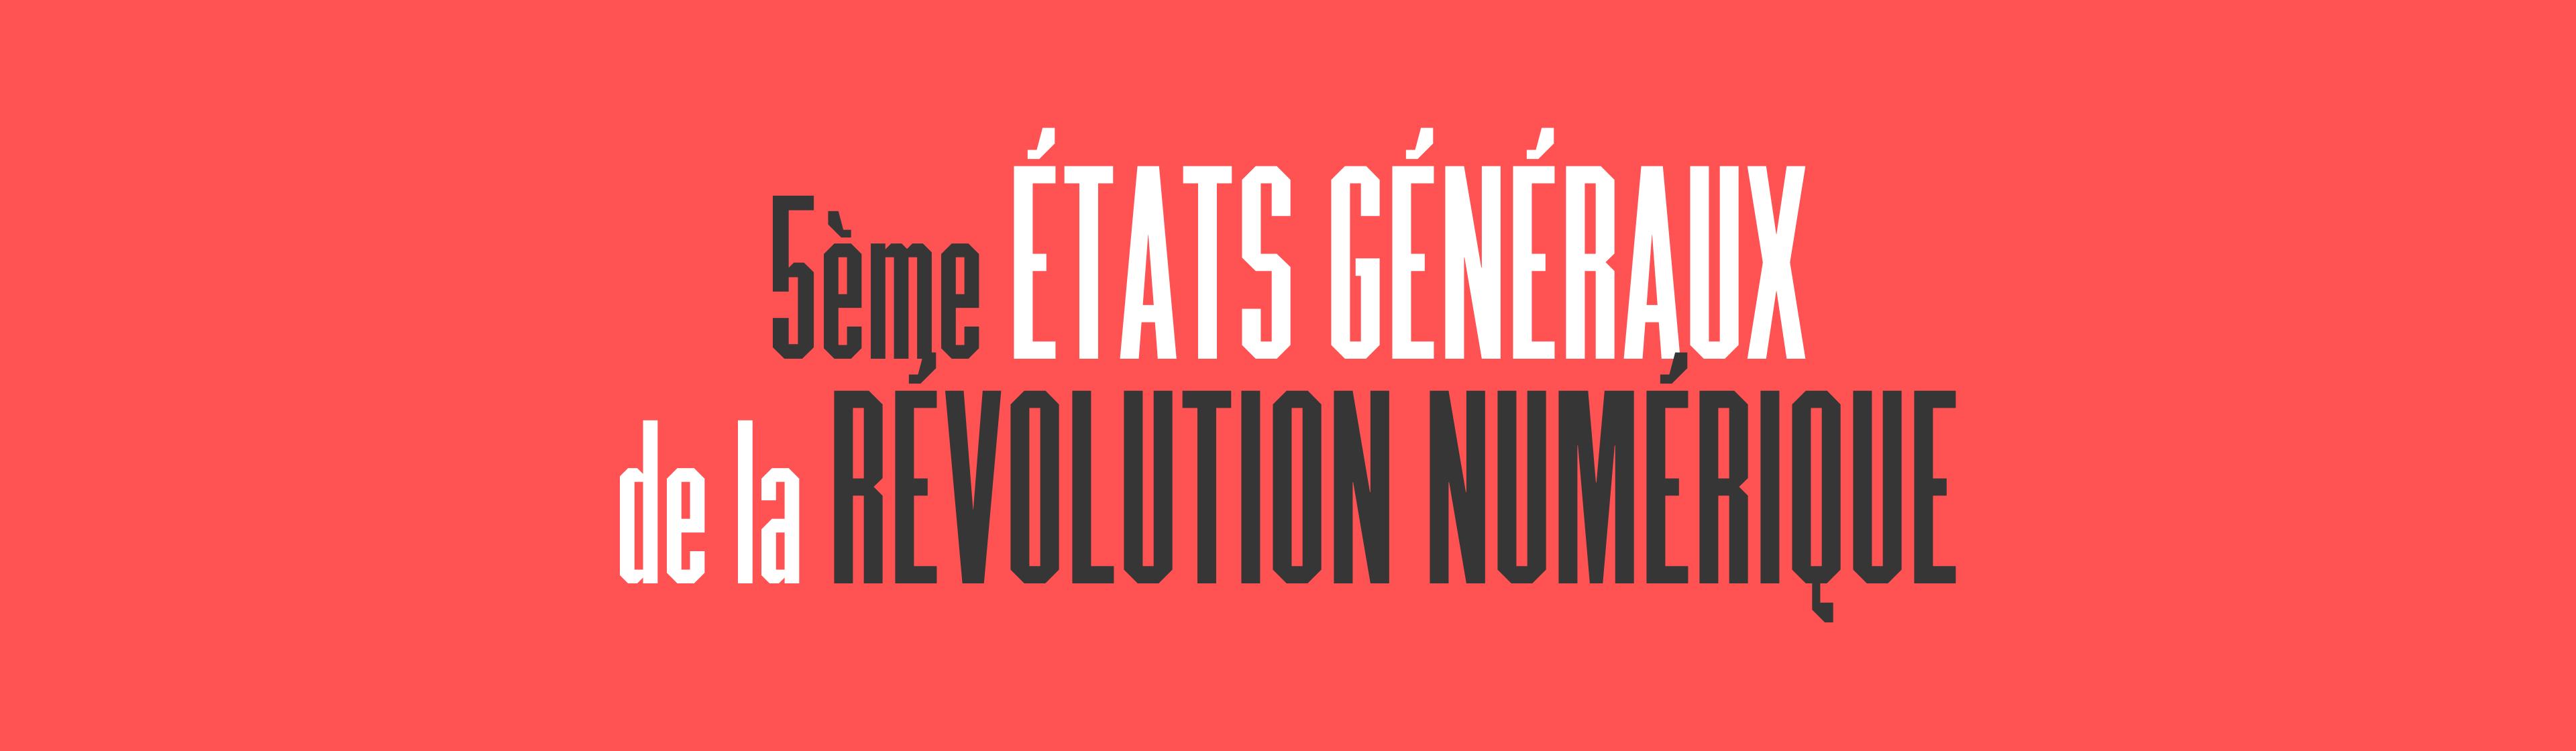 5ème État généraux de la révolution numérique